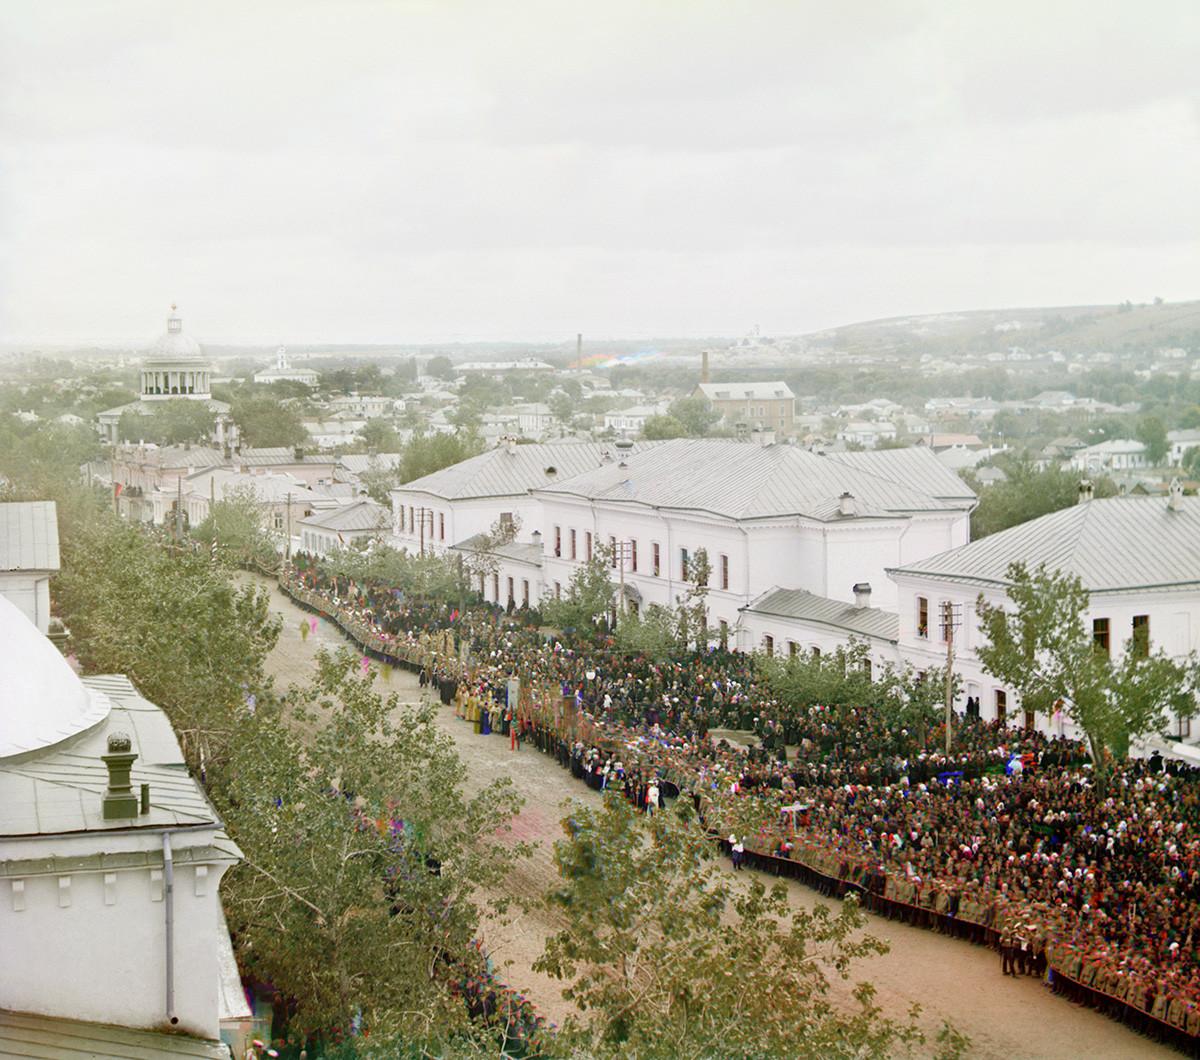 Place de la cathédrale, vue depuis le clocher du monastère de la Trinité le 4 septembre 1911. Des dignitaires et la foule se sont rassemblés pour la procession de la Croix en hommage à la canonisation de saint Ioassaph. À gauche : cathédrale en forme de dôme de la Nativité de la Vierge.